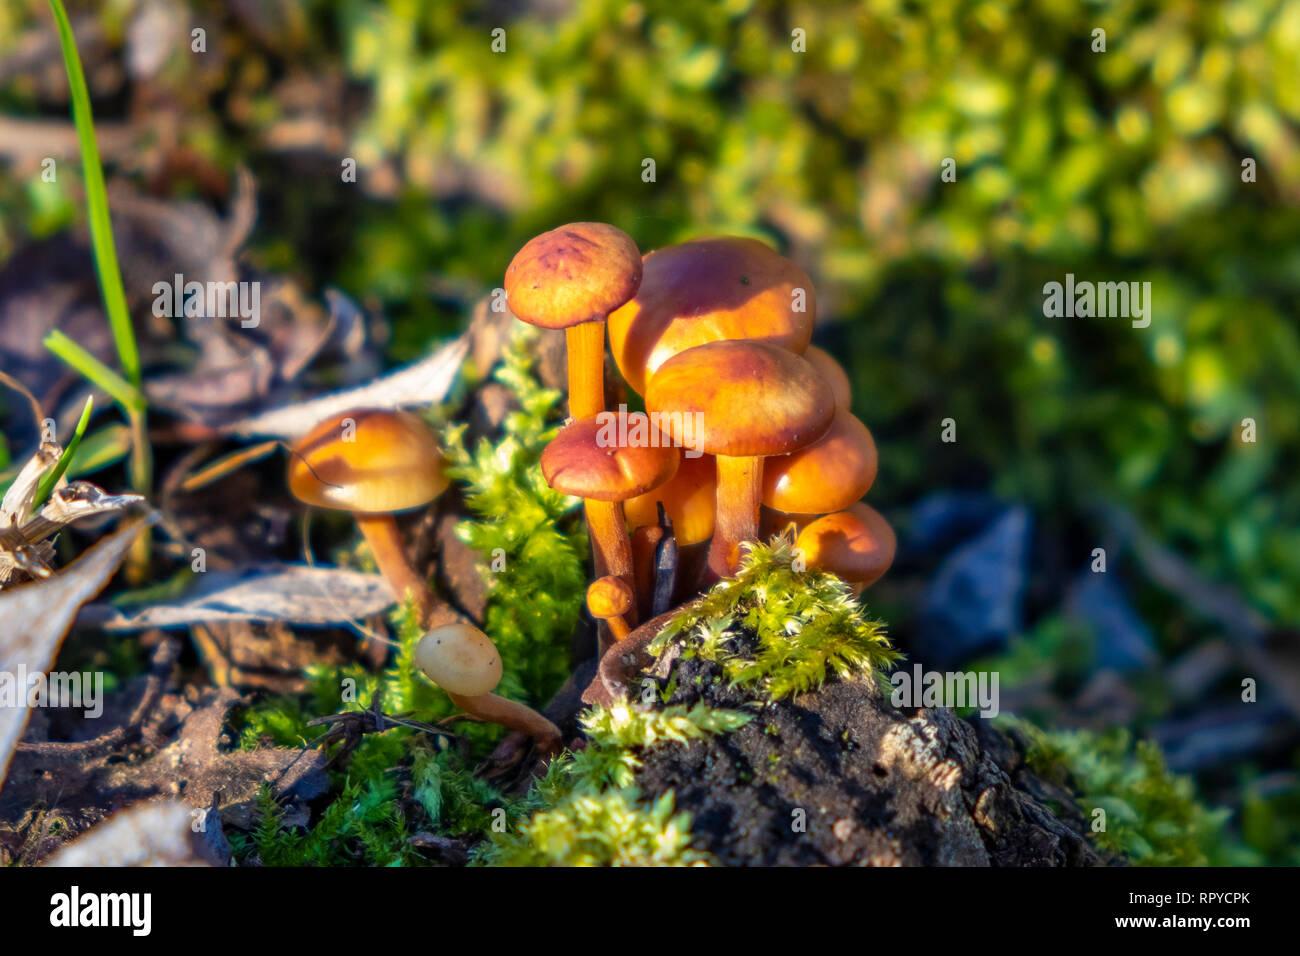 Nahaufnahme von Pilze und Pflanzen - Stock Image